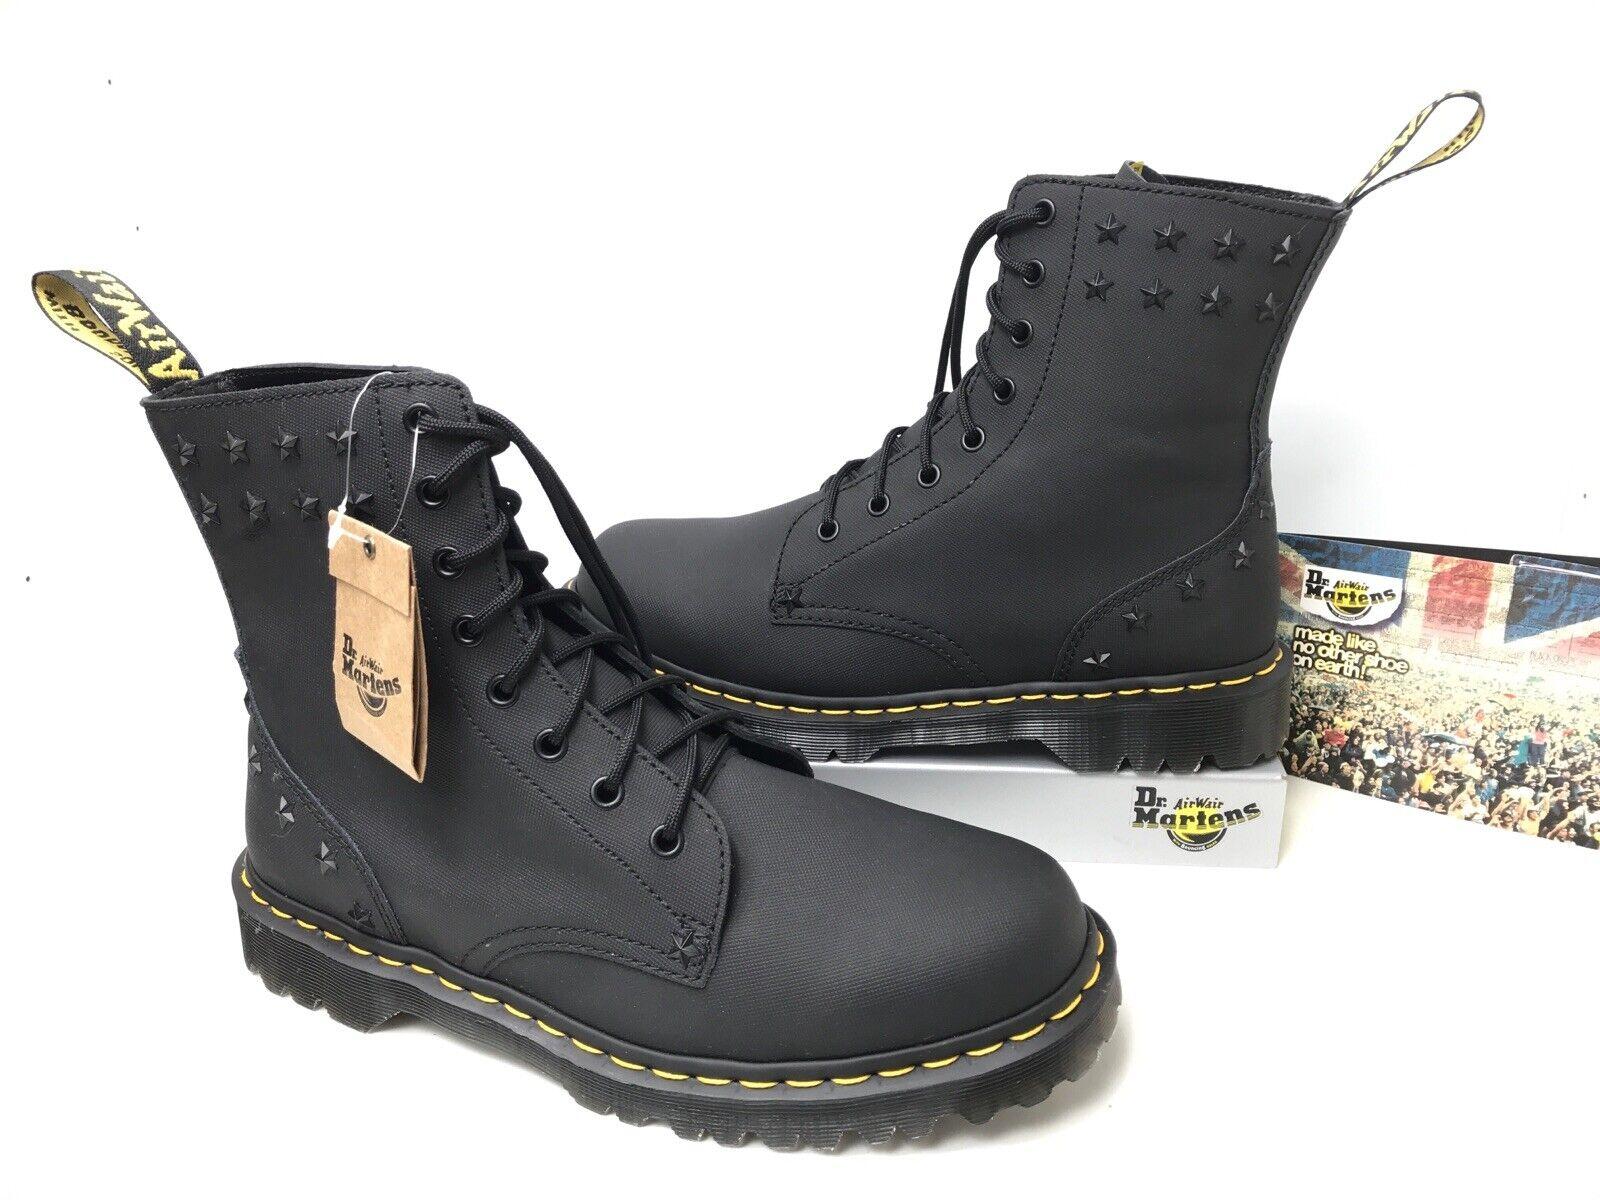 Dr. Martens 1460 Ben UK9 EU43 Black Ajax Leather Star Studded Men's Boots